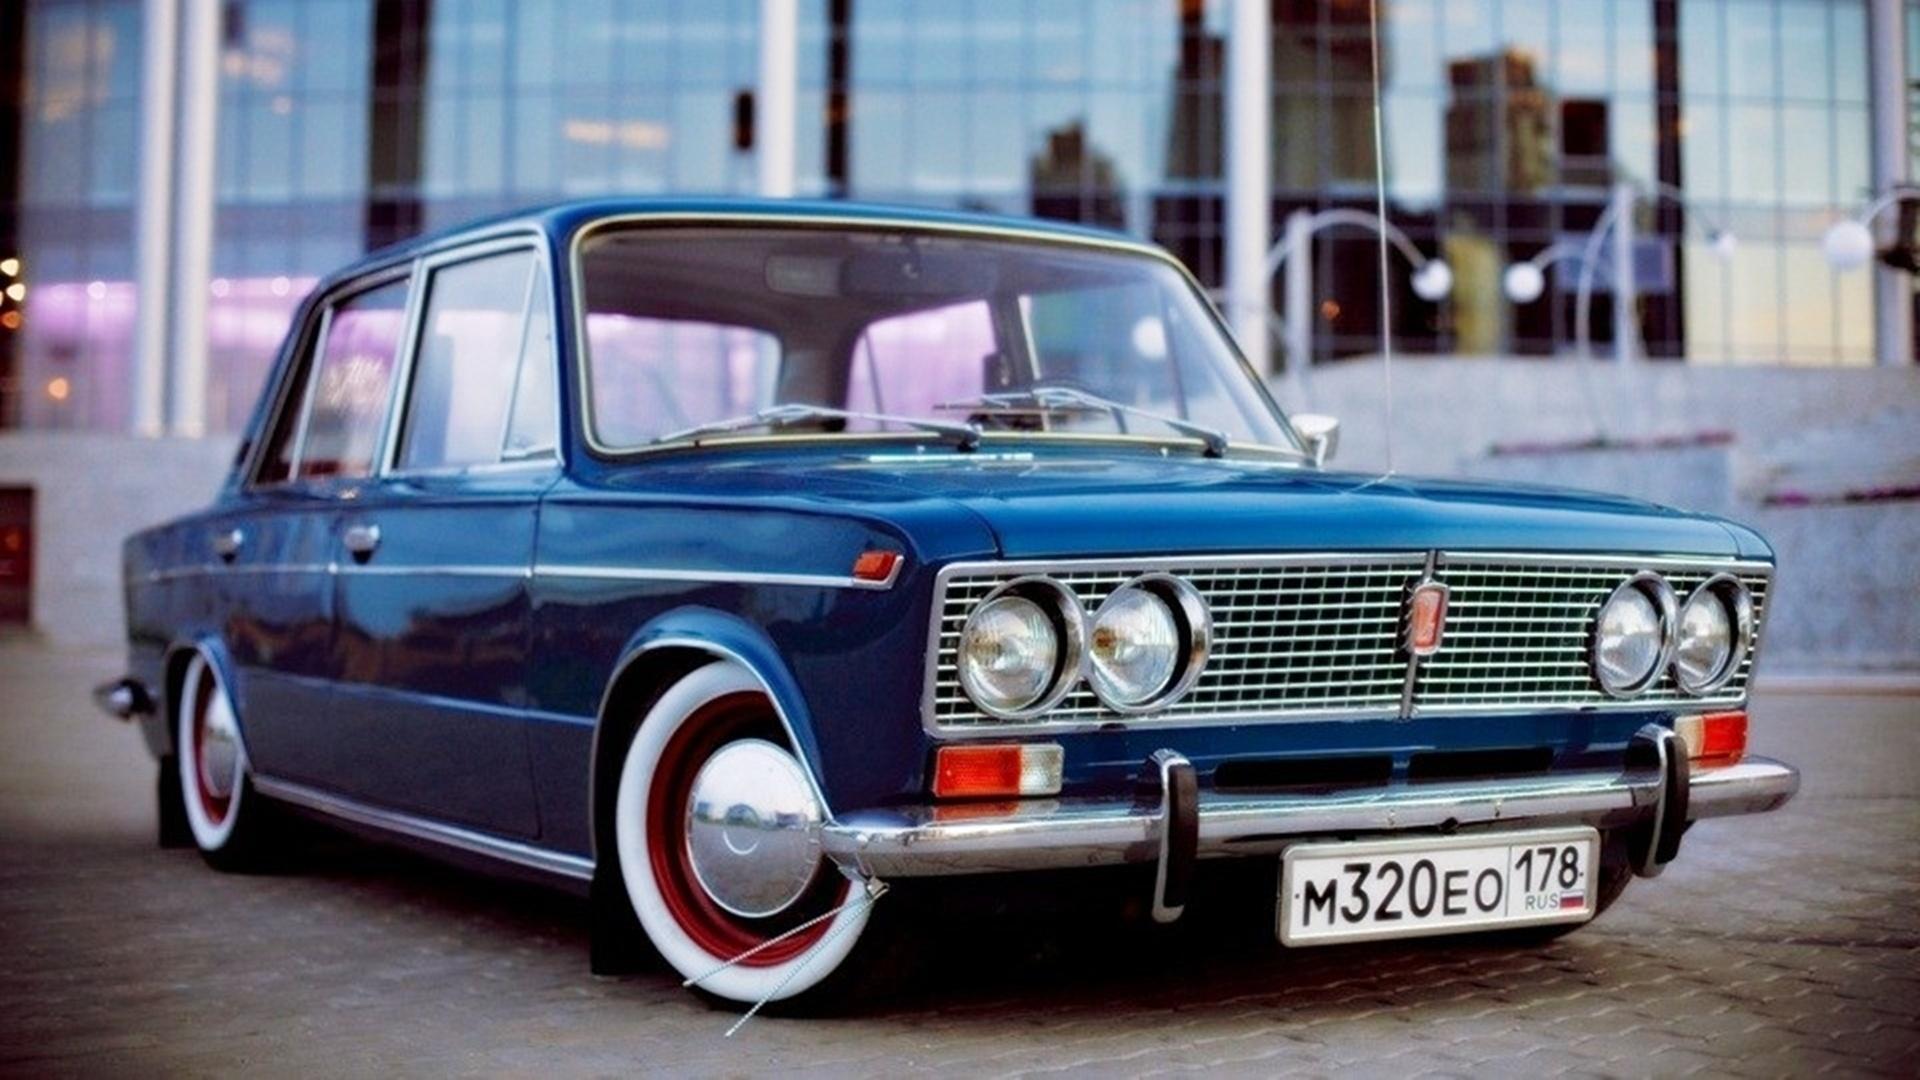 Выбираем машину за 150-200 тыс. рублей